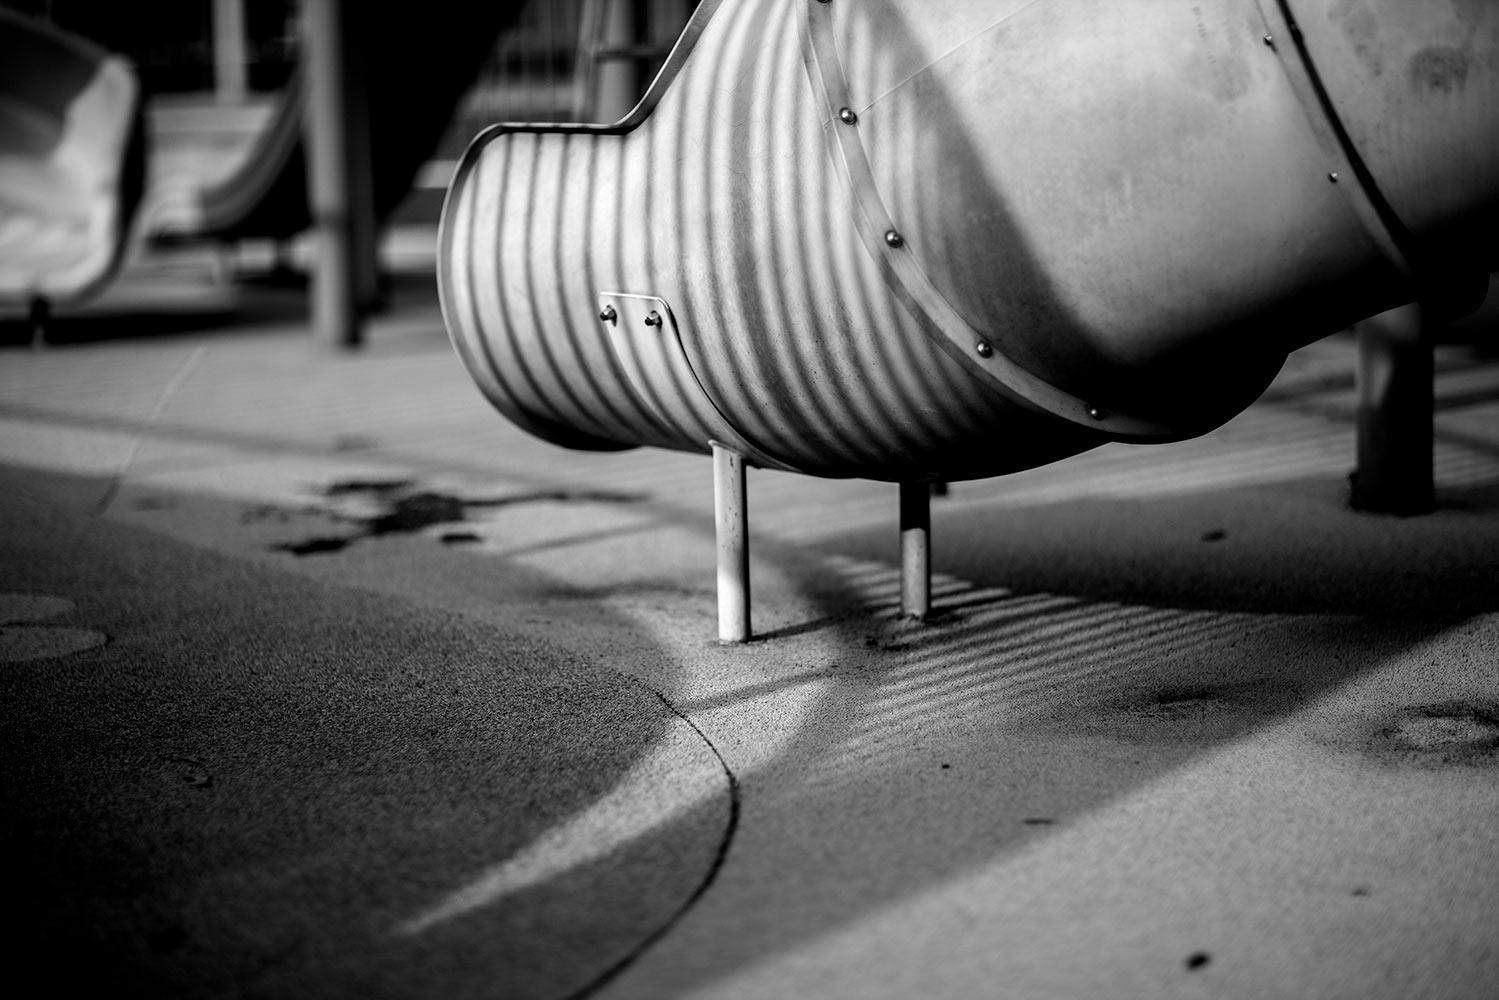 playground-tunnel-stripes-ws-msl_8559.jpg